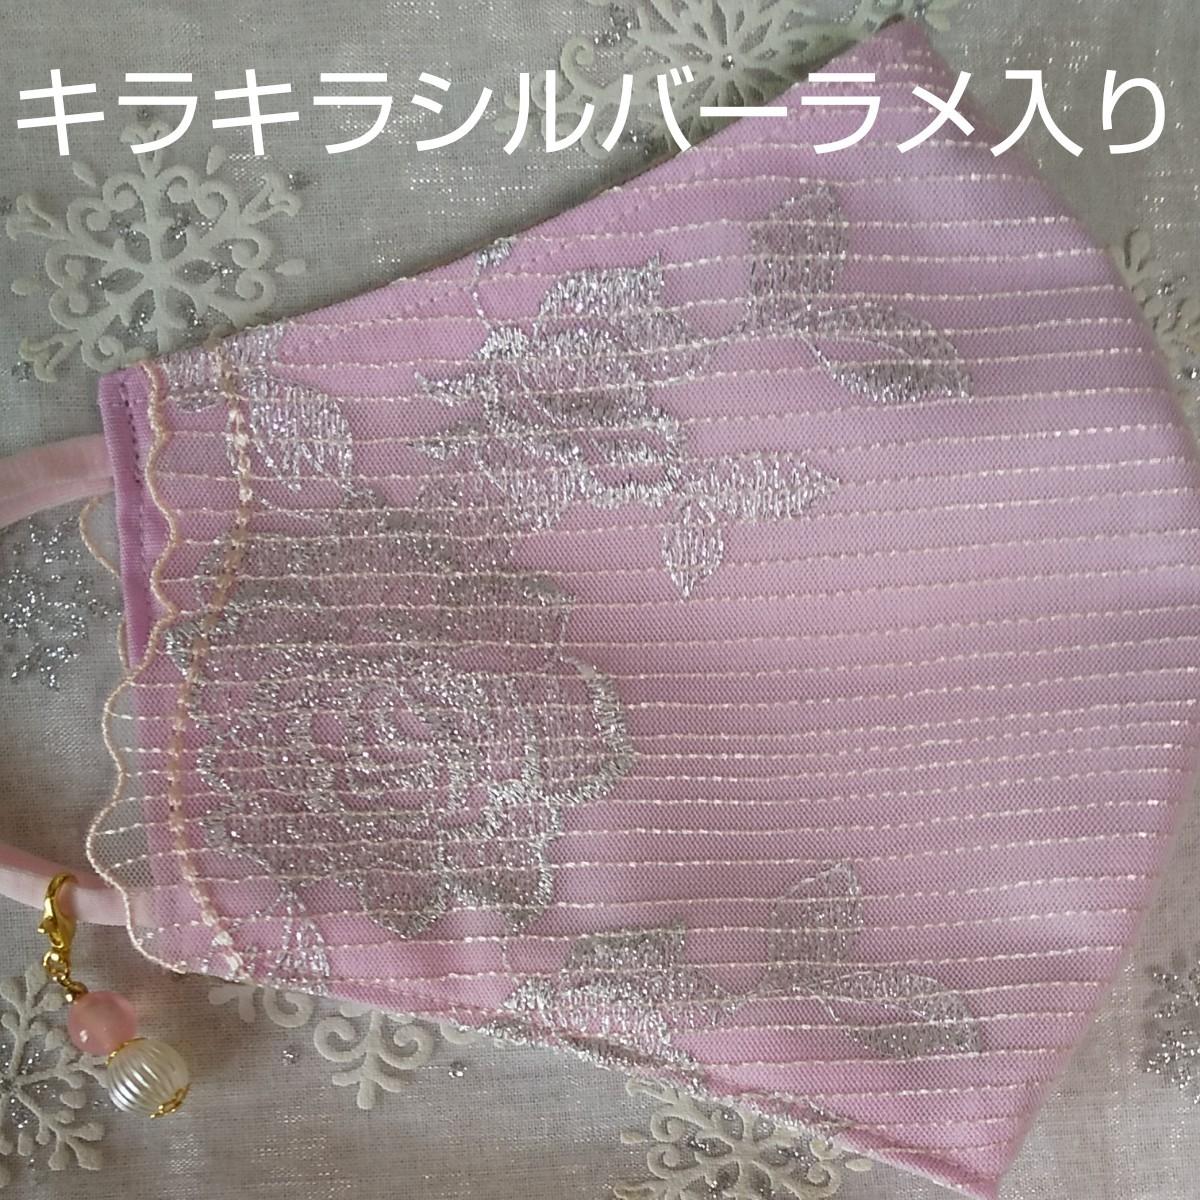 立体インナーハンドメイド、綿ガーゼ、チュール刺繍レース(ピンク×薄ピンクレースラメ入り)(大きめサイズ)アジャスター付、チャーム付